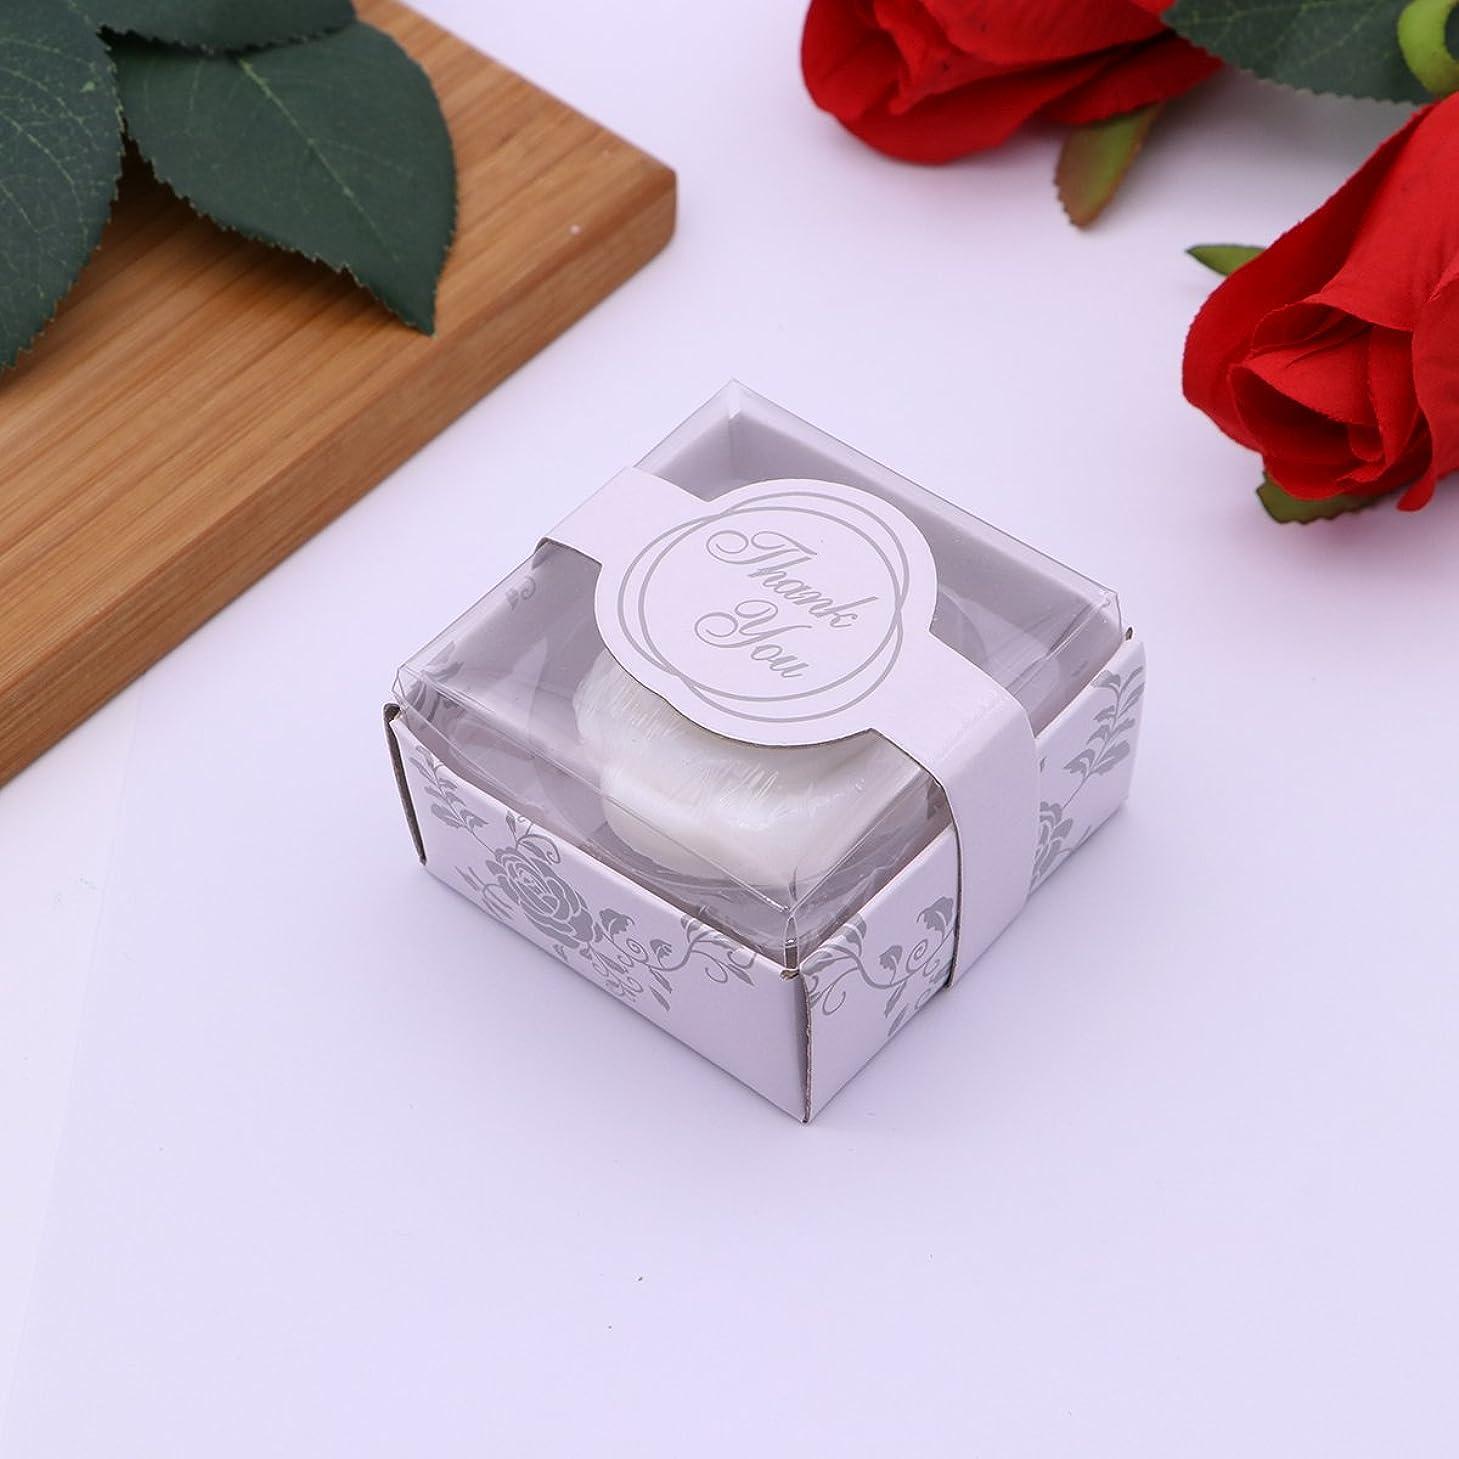 好ましいスキャンダルウォルターカニンガムAmosfun 手作り石鹸オイルローズフラワーソープアロマエッセンシャルオイルギフト記念日誕生日結婚式バレンタインデー(ホワイト)20ピース